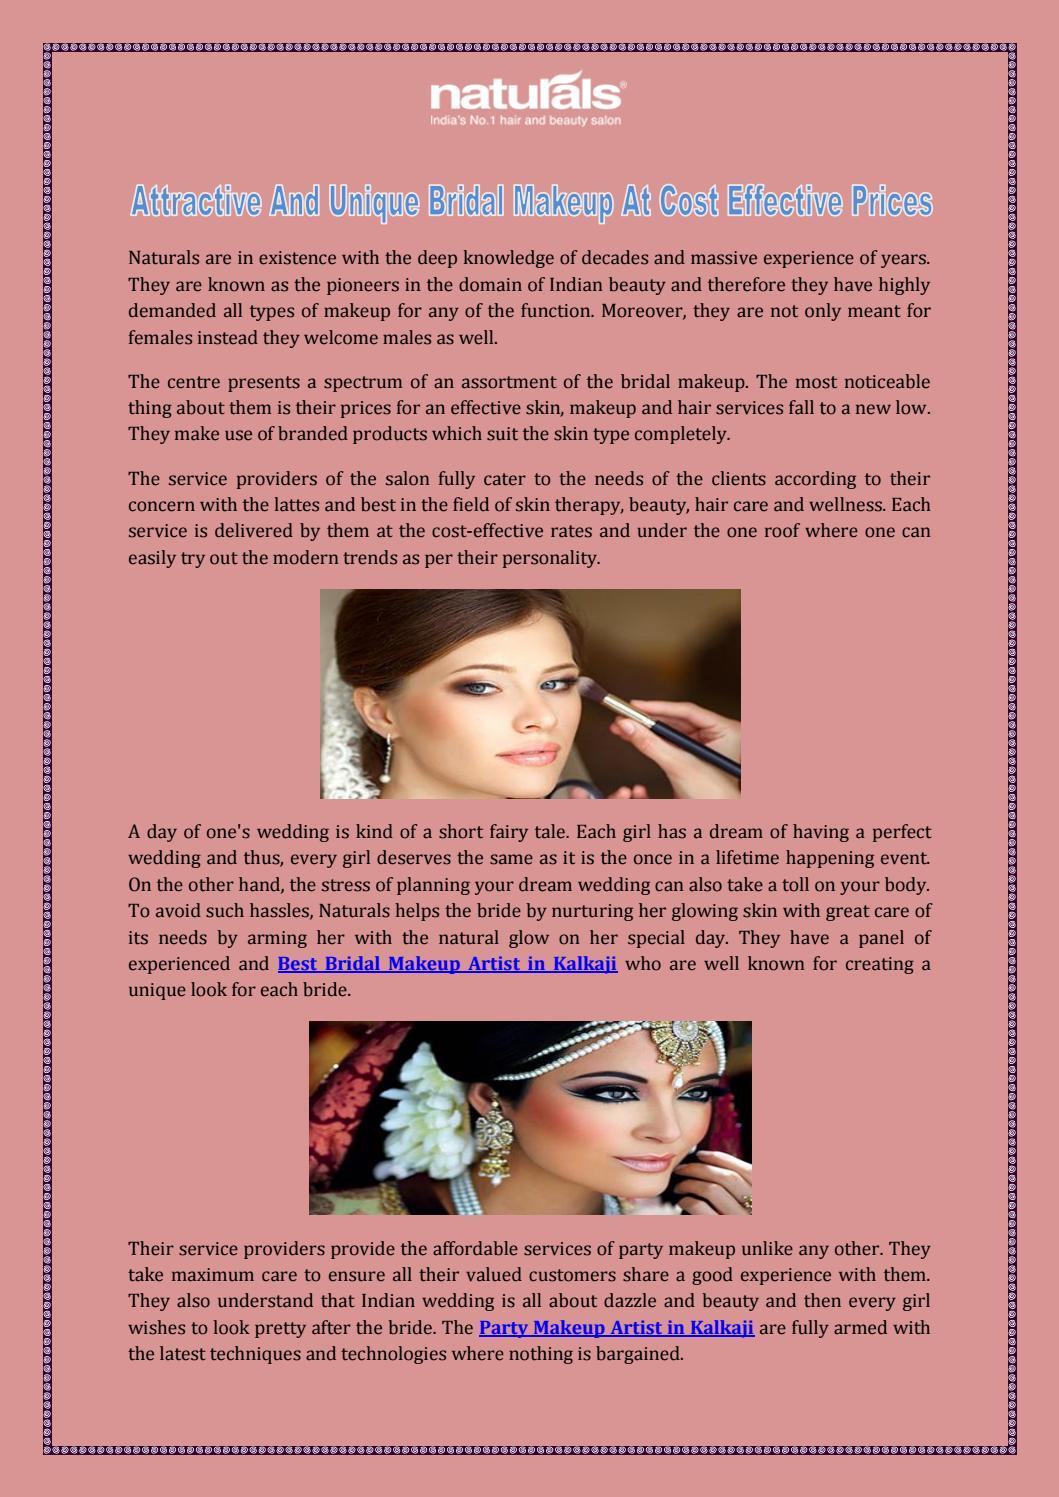 Attractive And Unique Bridal Makeup At